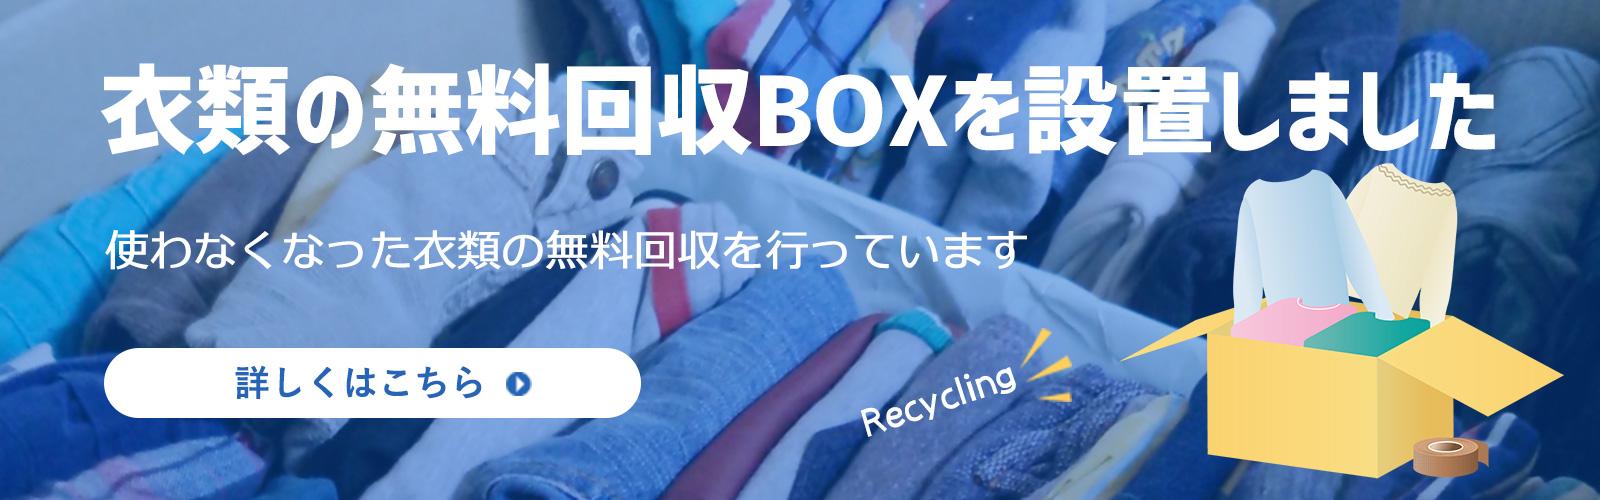 衣類の無料回収BOXを設置しました。使わなくなった衣類の無料回収を行っています。